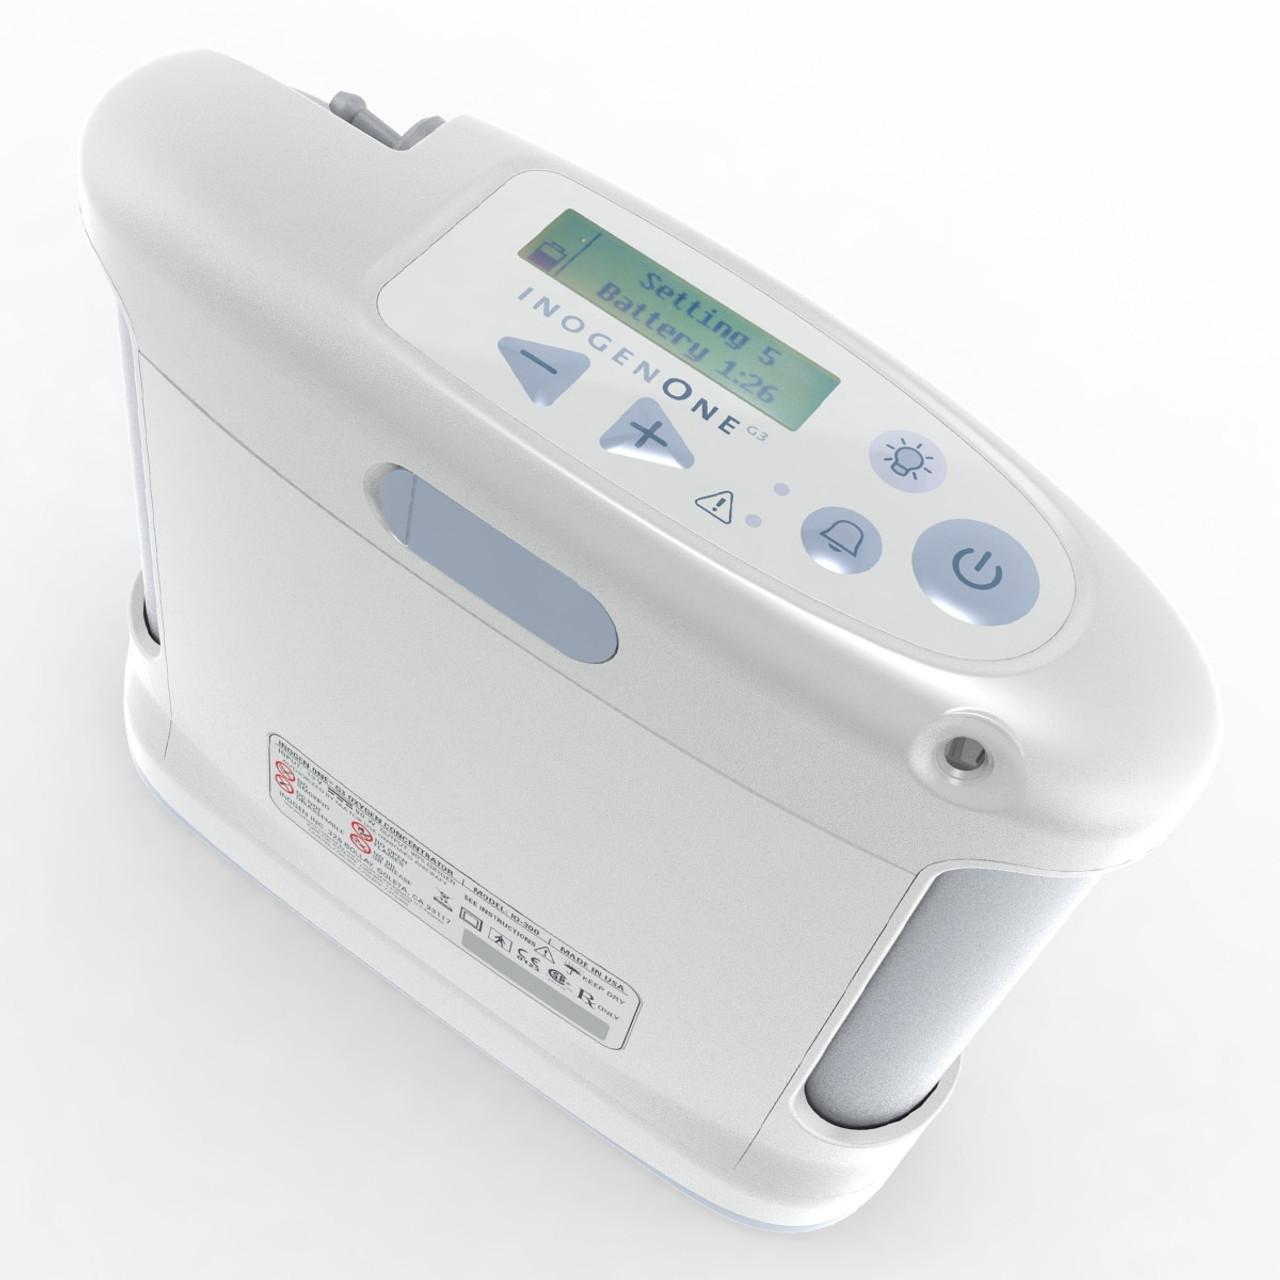 Inogen One G3 Portable Oxygen Concentrator - Manufacturer Refurbished